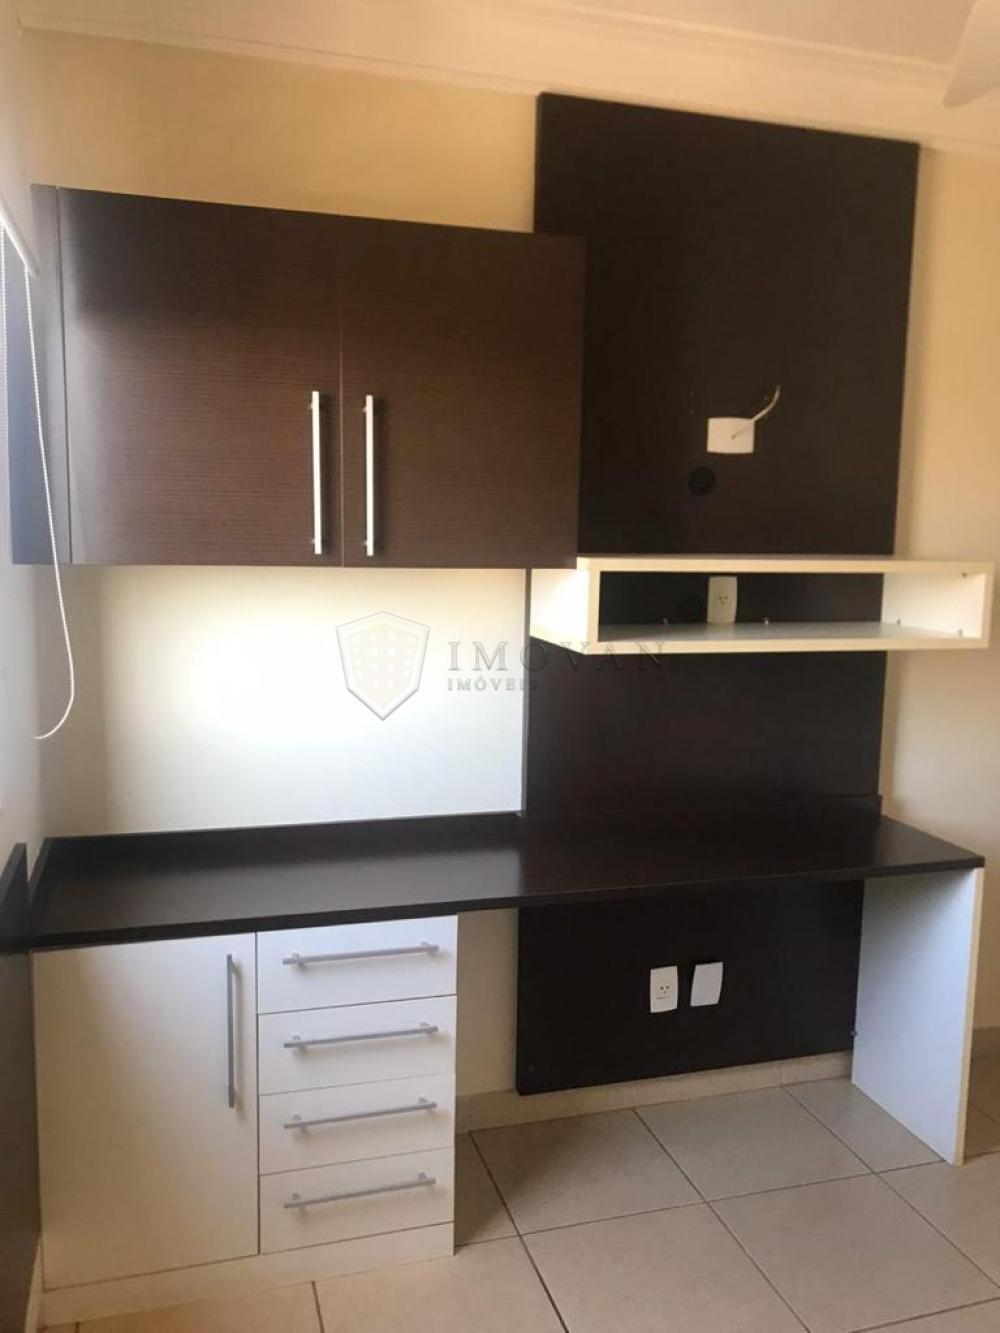 Comprar Apartamento / Padrão em Ribeirão Preto apenas R$ 790.000,00 - Foto 17